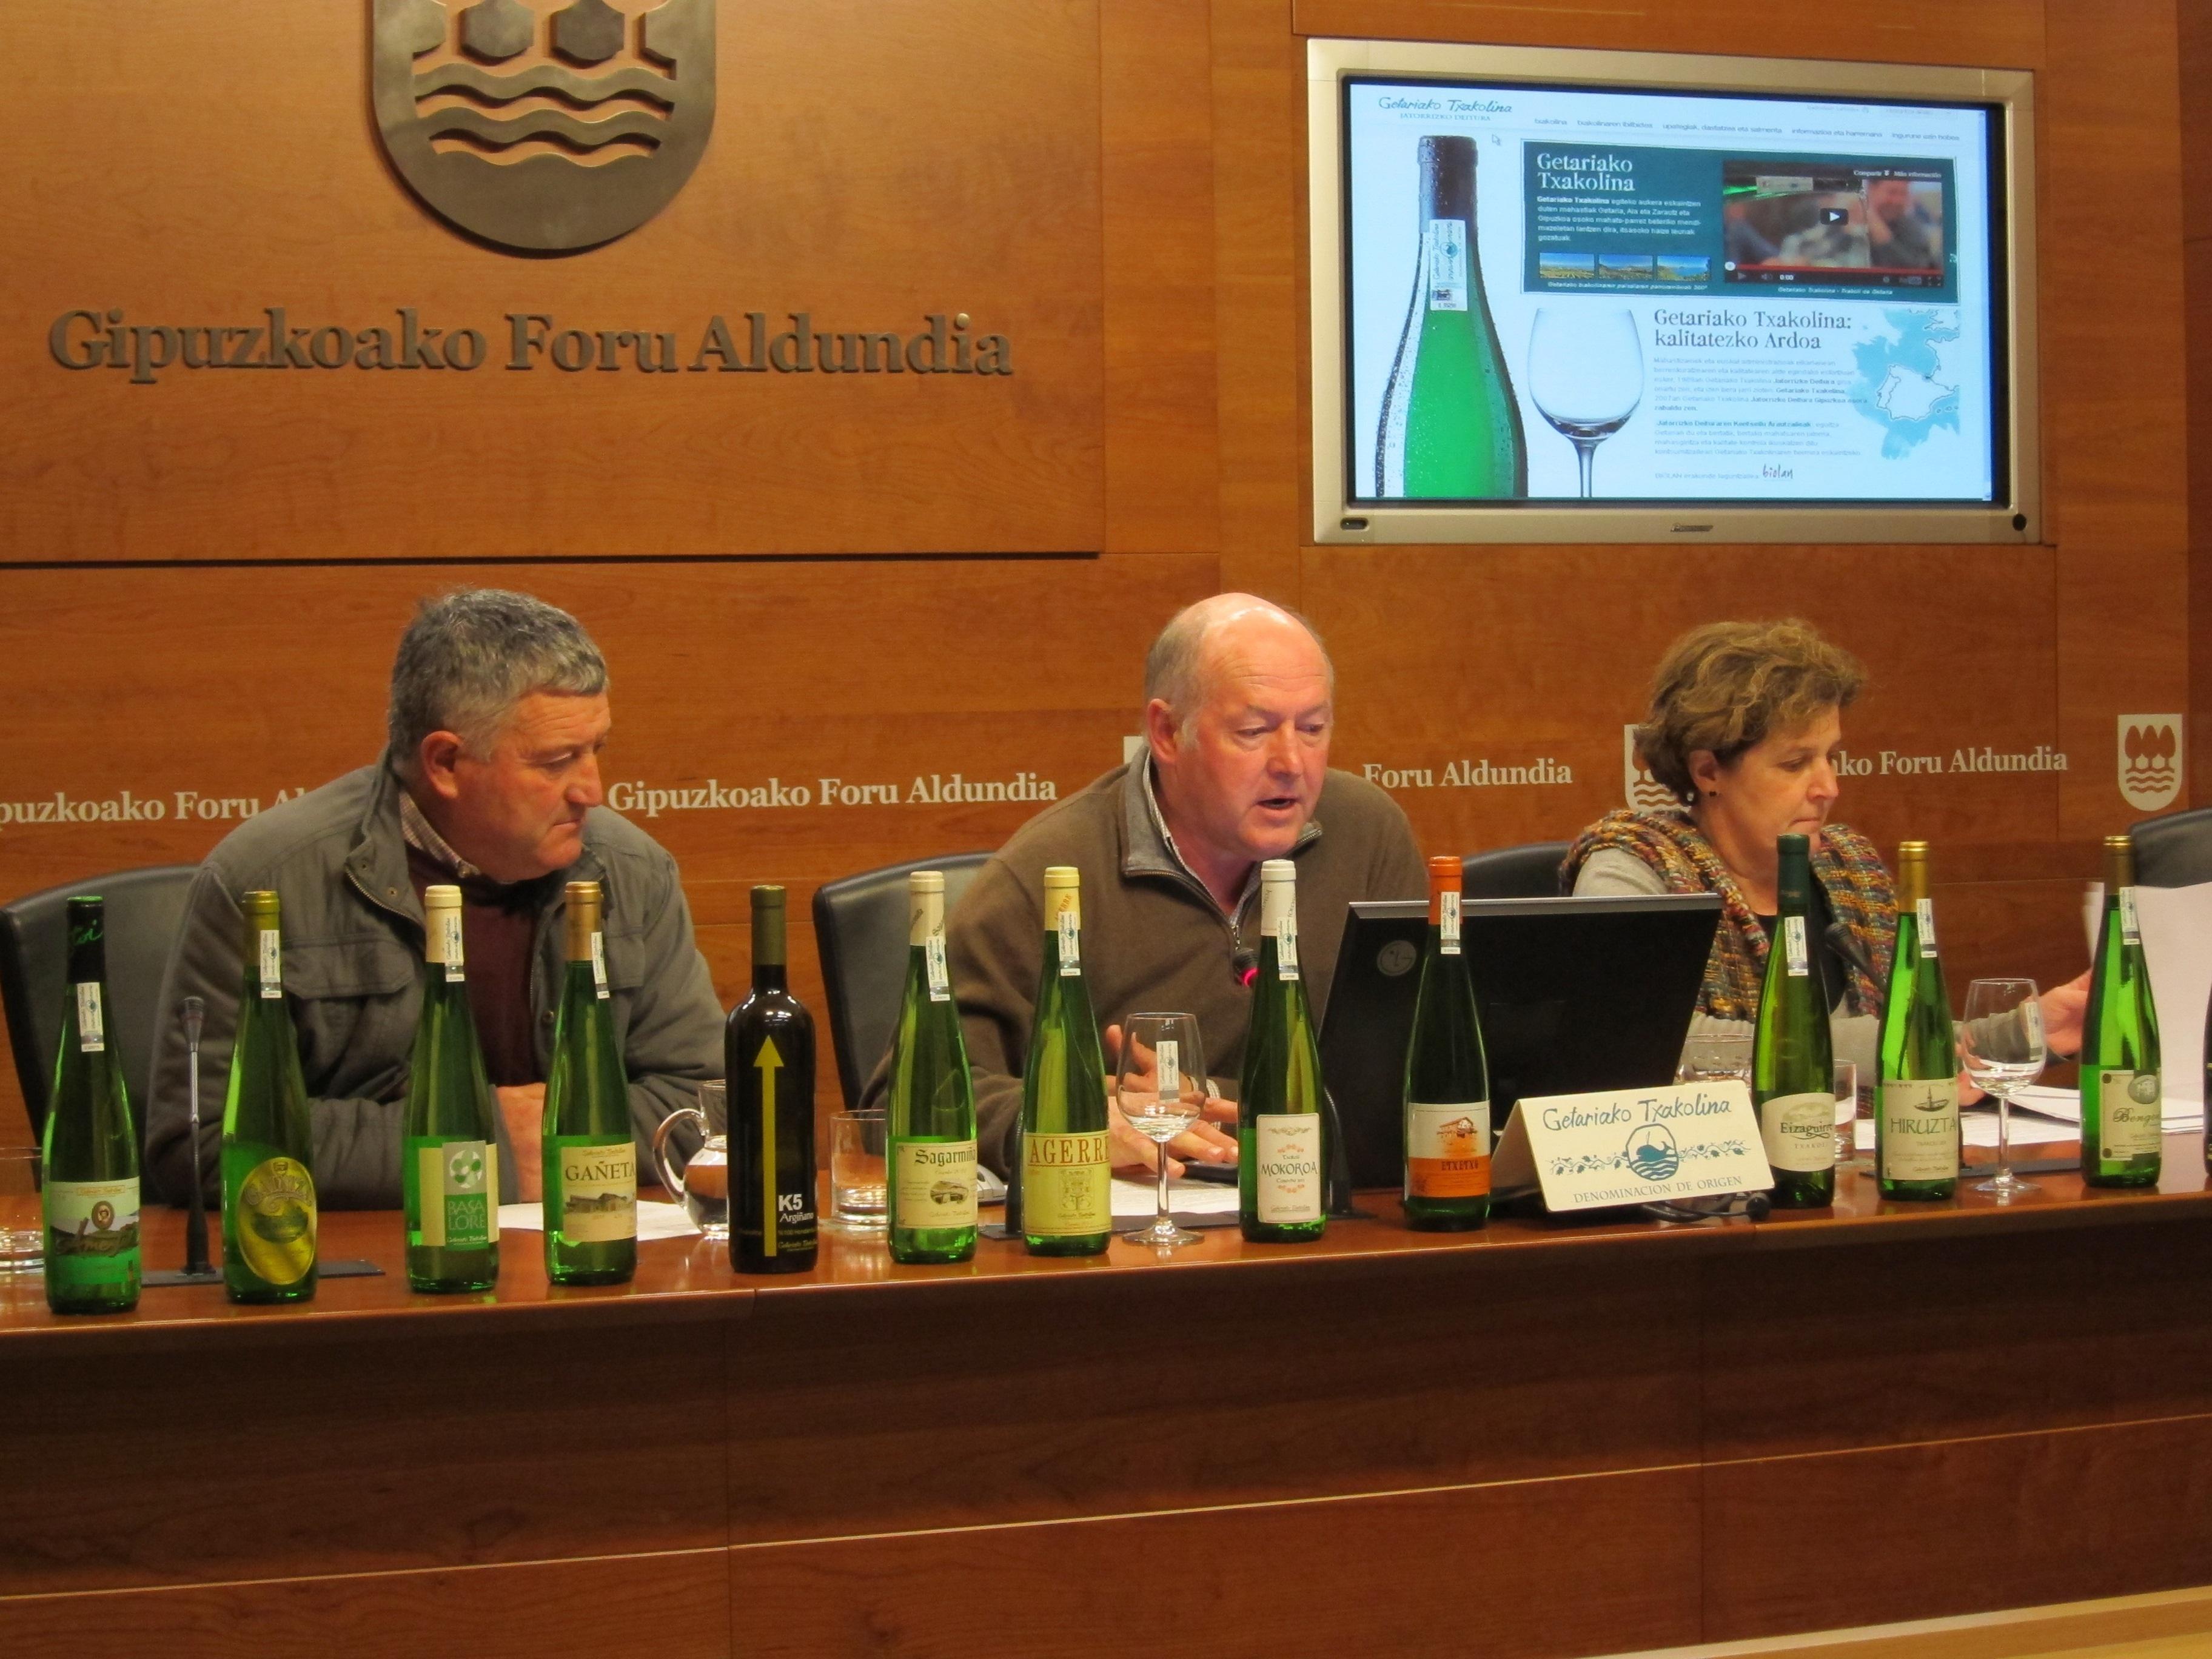 La cosecha de txakoli de Getaria de 2012 asciende a 2,2 millones de litros de un vino «muy afrutado» y con mayor grado